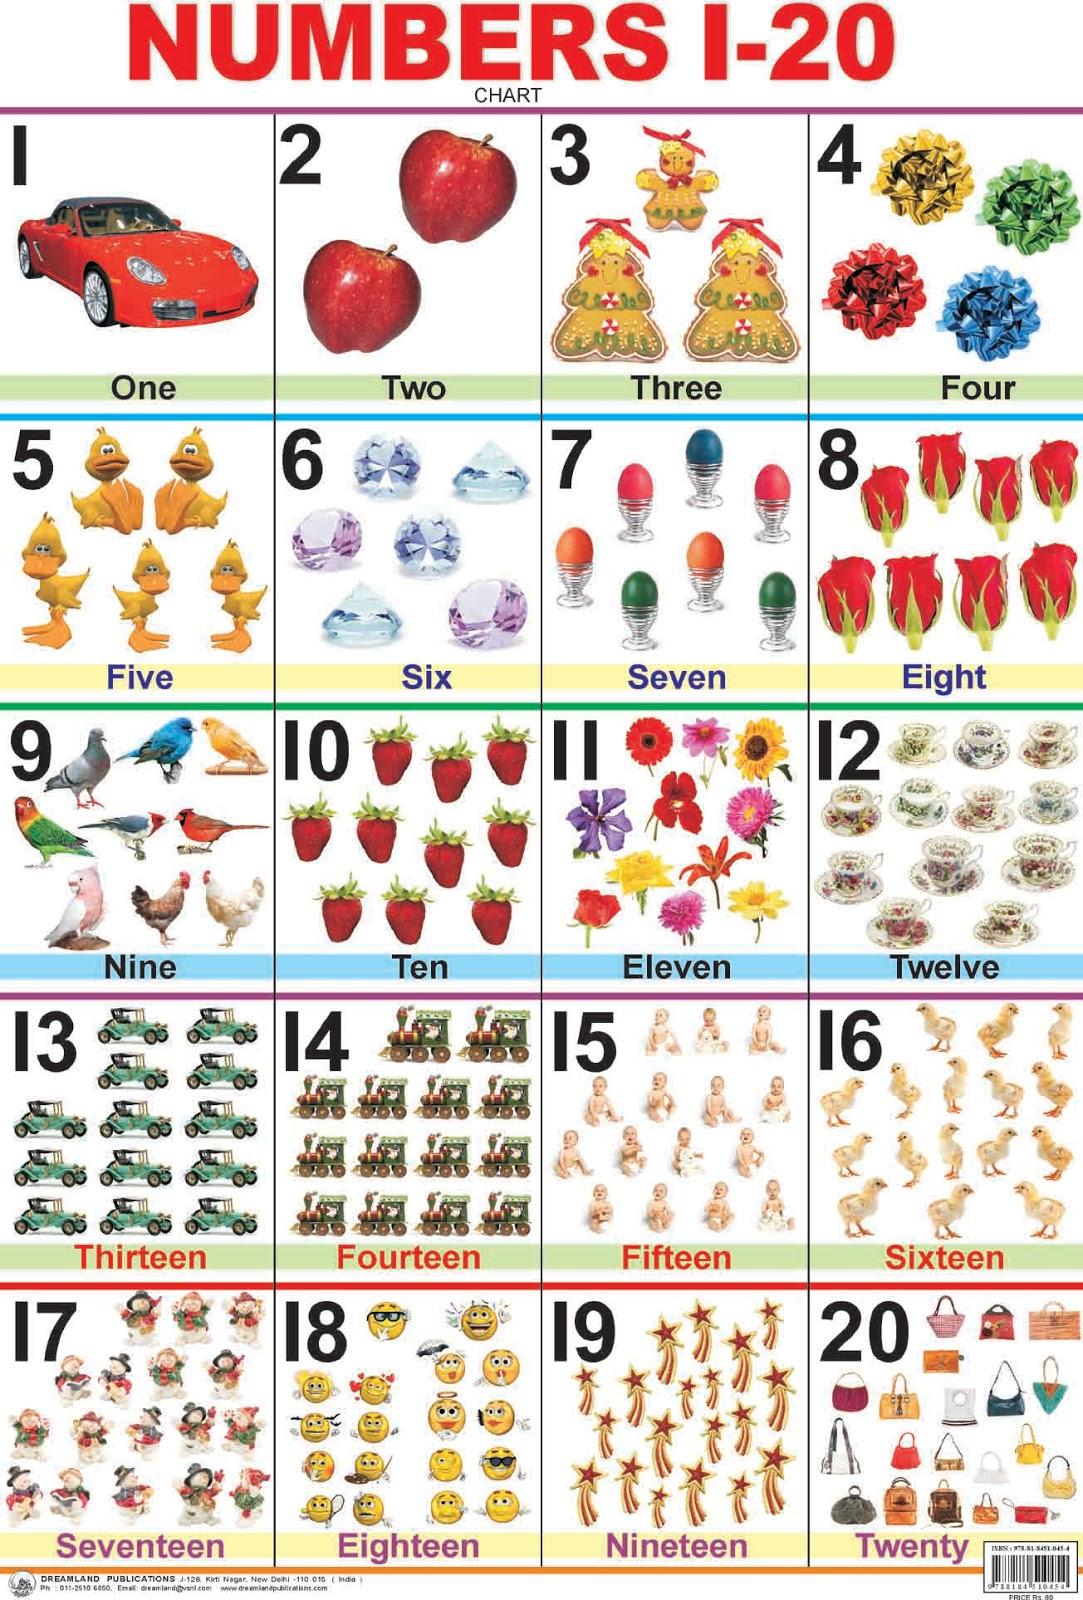 Okul Dersleri 5 Ders Numbers 1 20 Say Lar 1 20